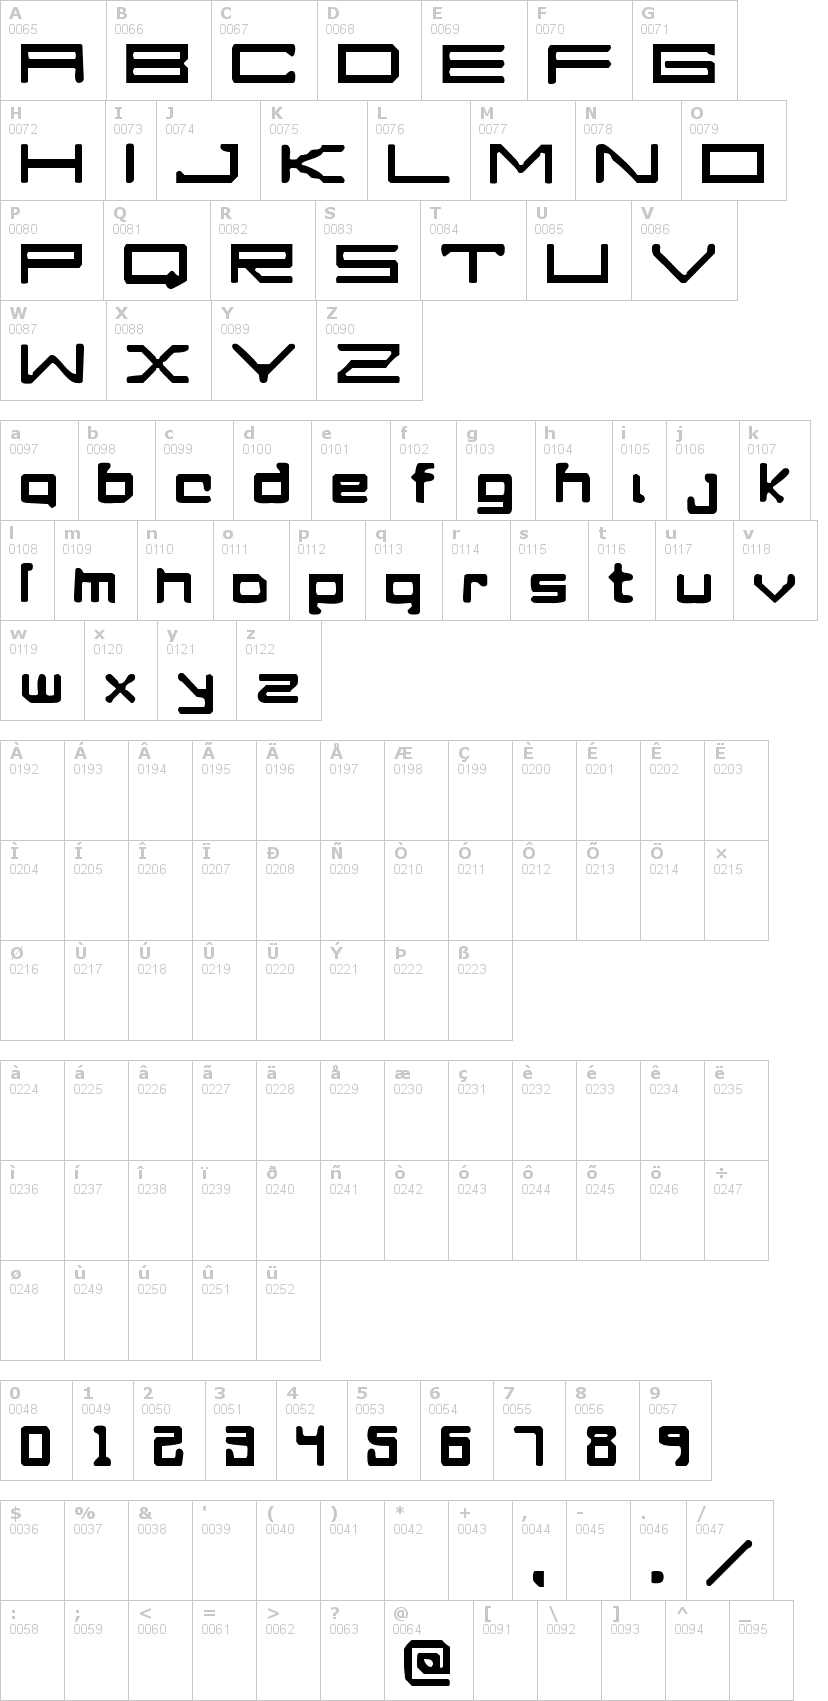 Lettere dell'alfabeto del font a-perfect-drowning con le quali è possibile realizzare adesivi prespaziati